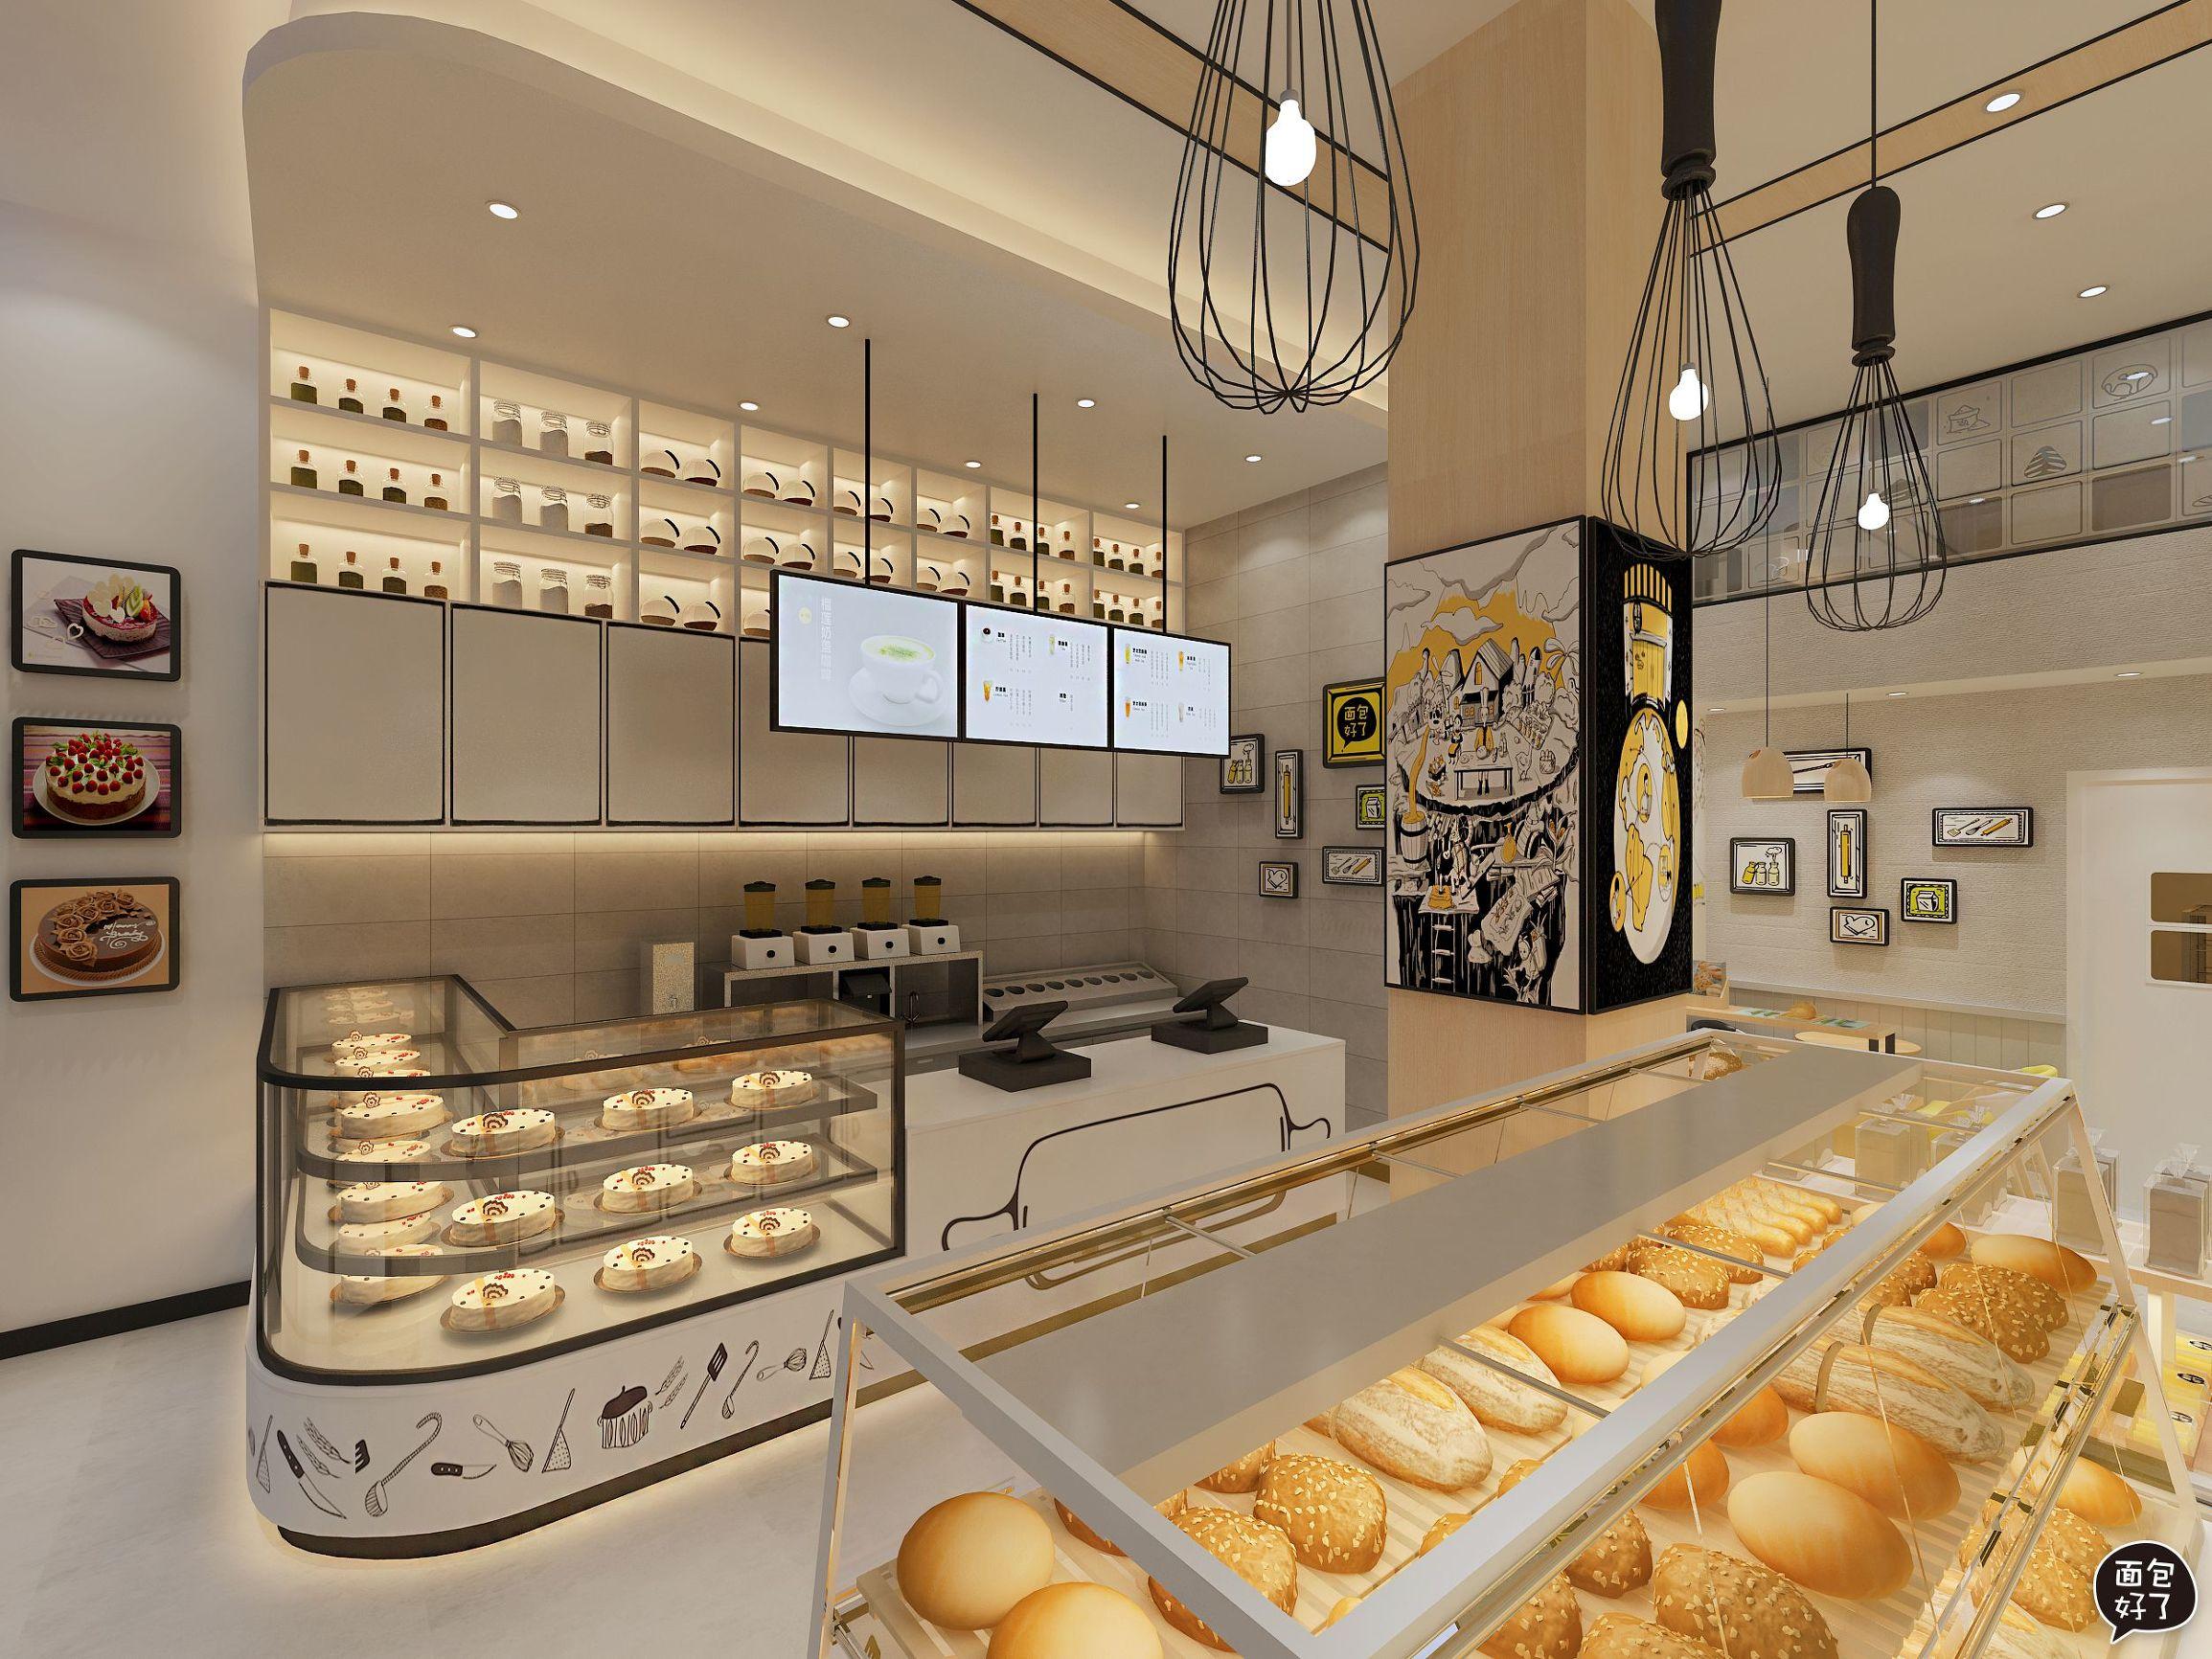 著名蛋糕店加盟1品牌面包好了,解密蛋糕加盟行业内幕